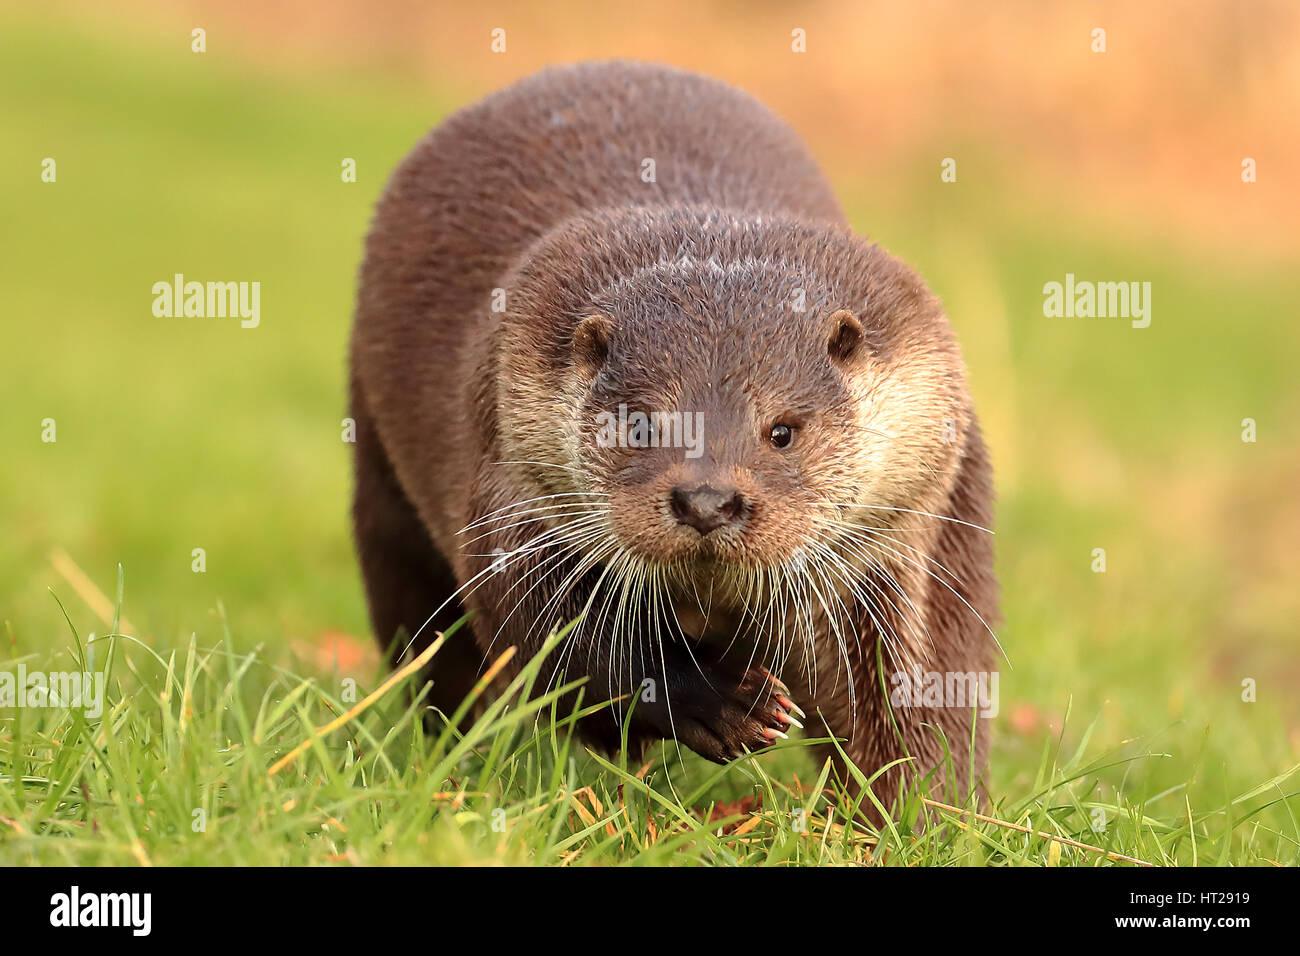 Otter laufen Kopf auf volle frontale schönes Bild Stockbild